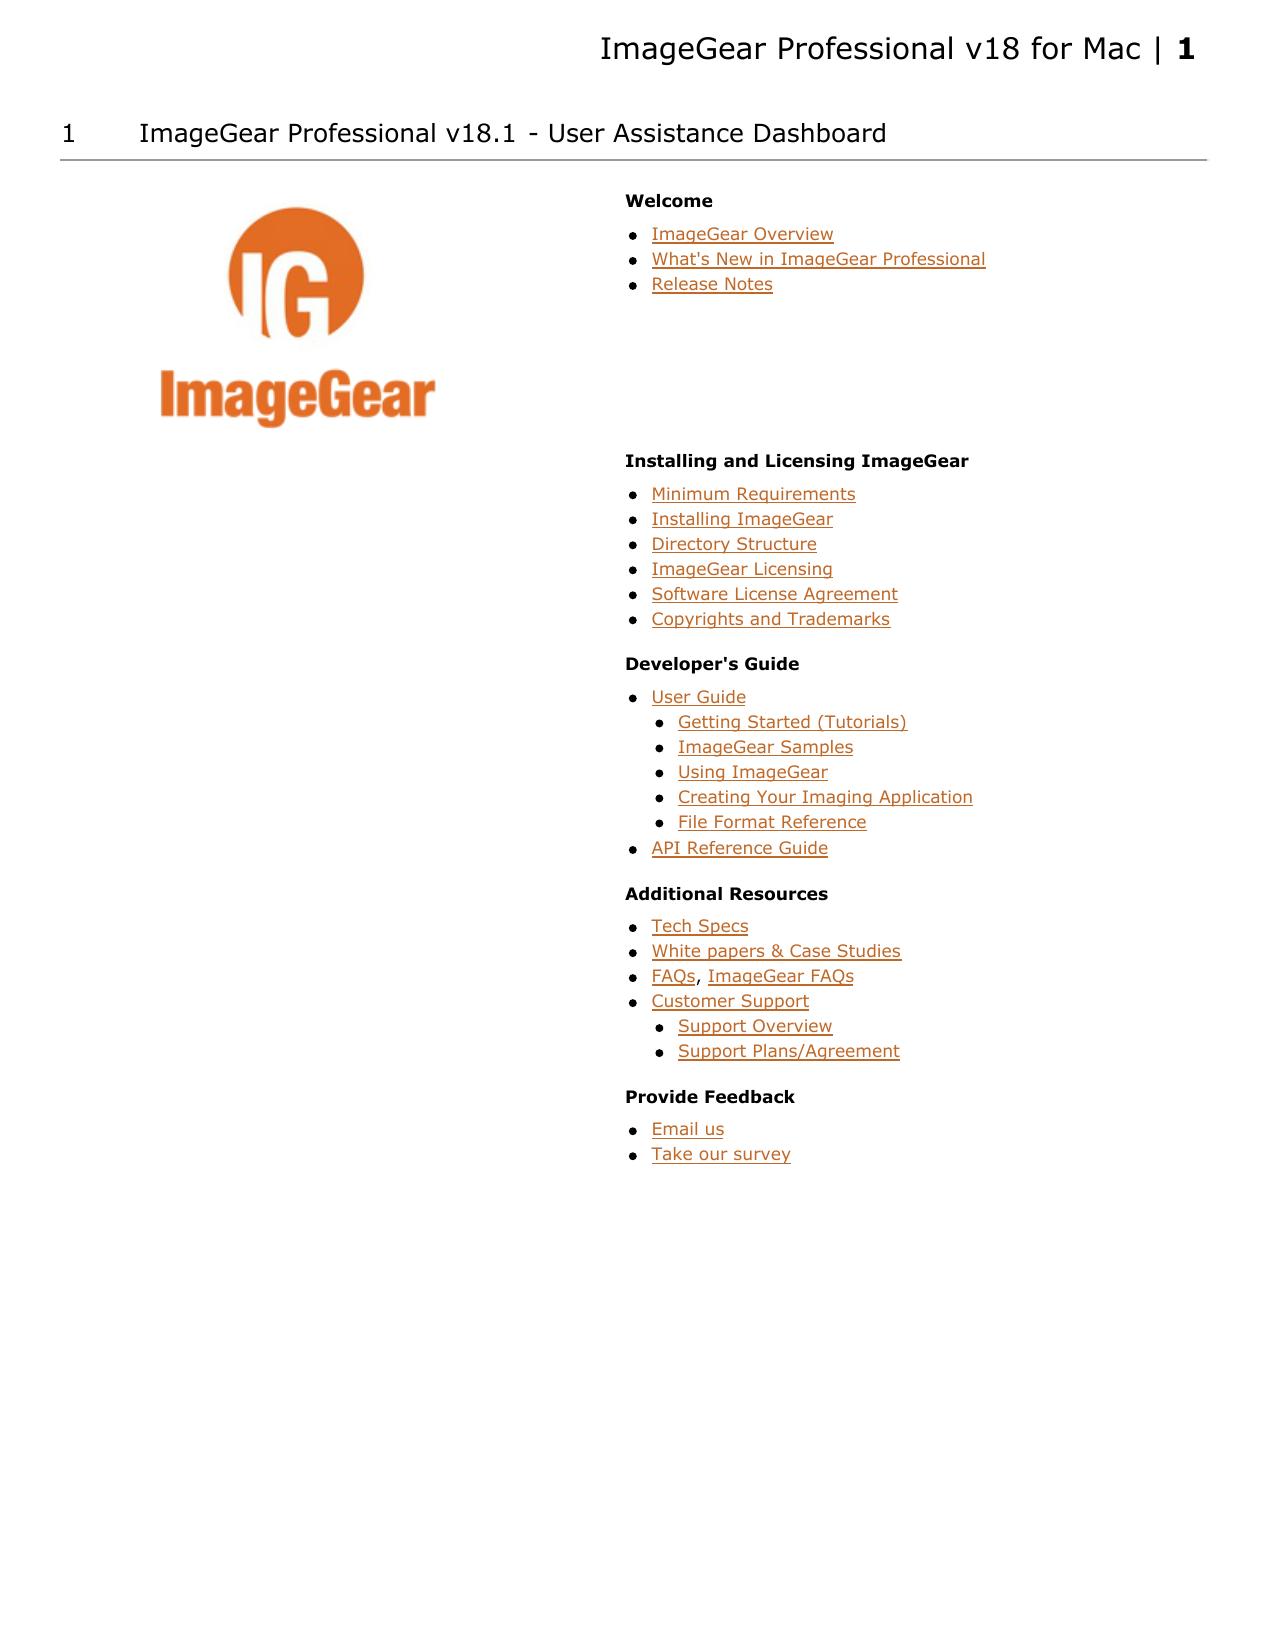 ImageGear Professional v18 for Mac | manualzz com